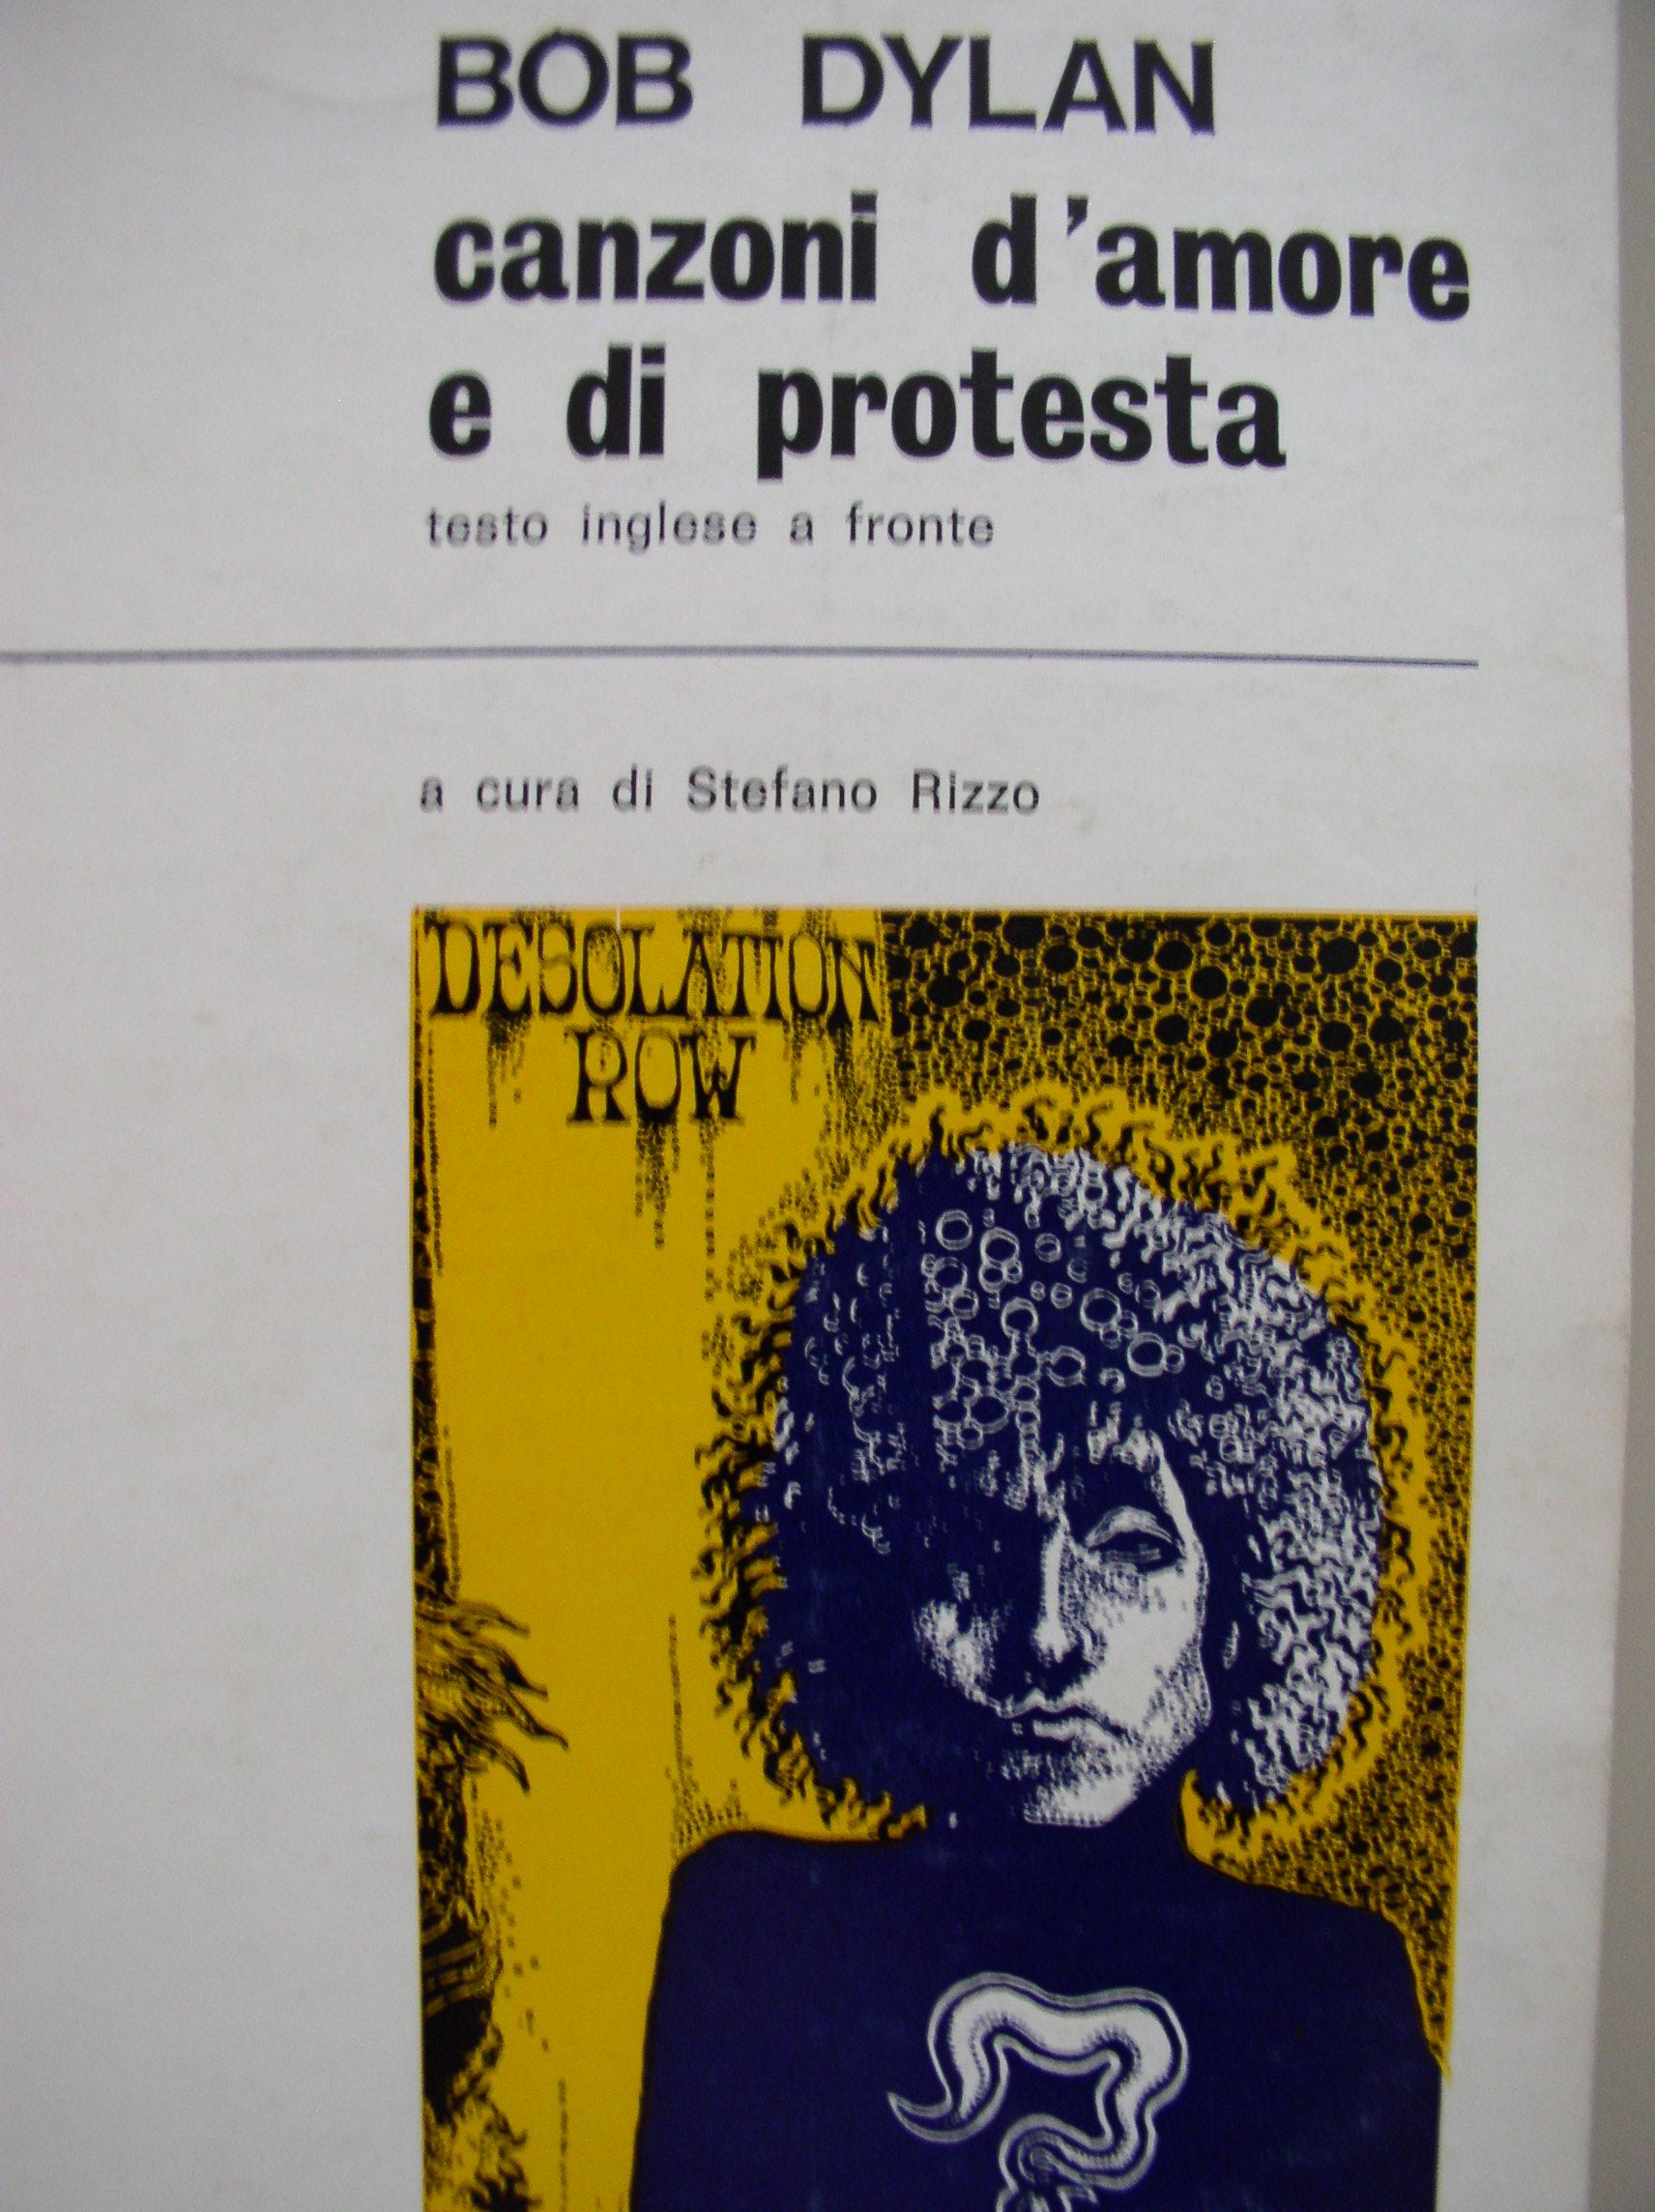 Canzoni d'amore e di protesta